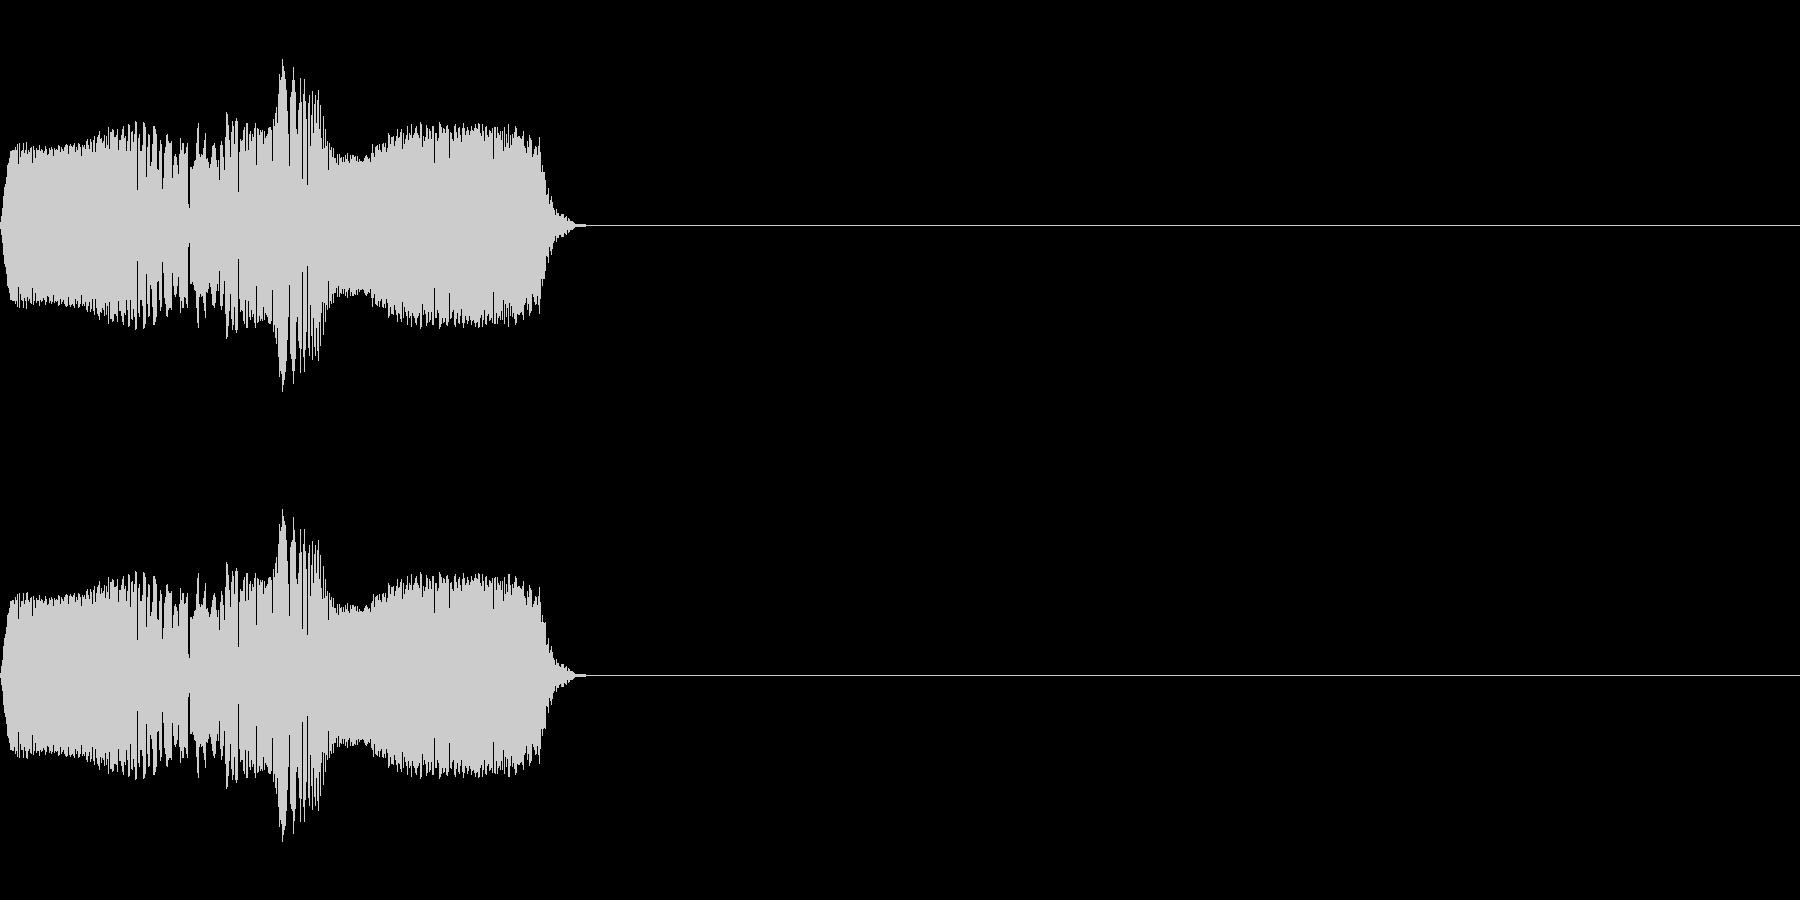 コミカルな足音、ボタン音などのイメージの未再生の波形